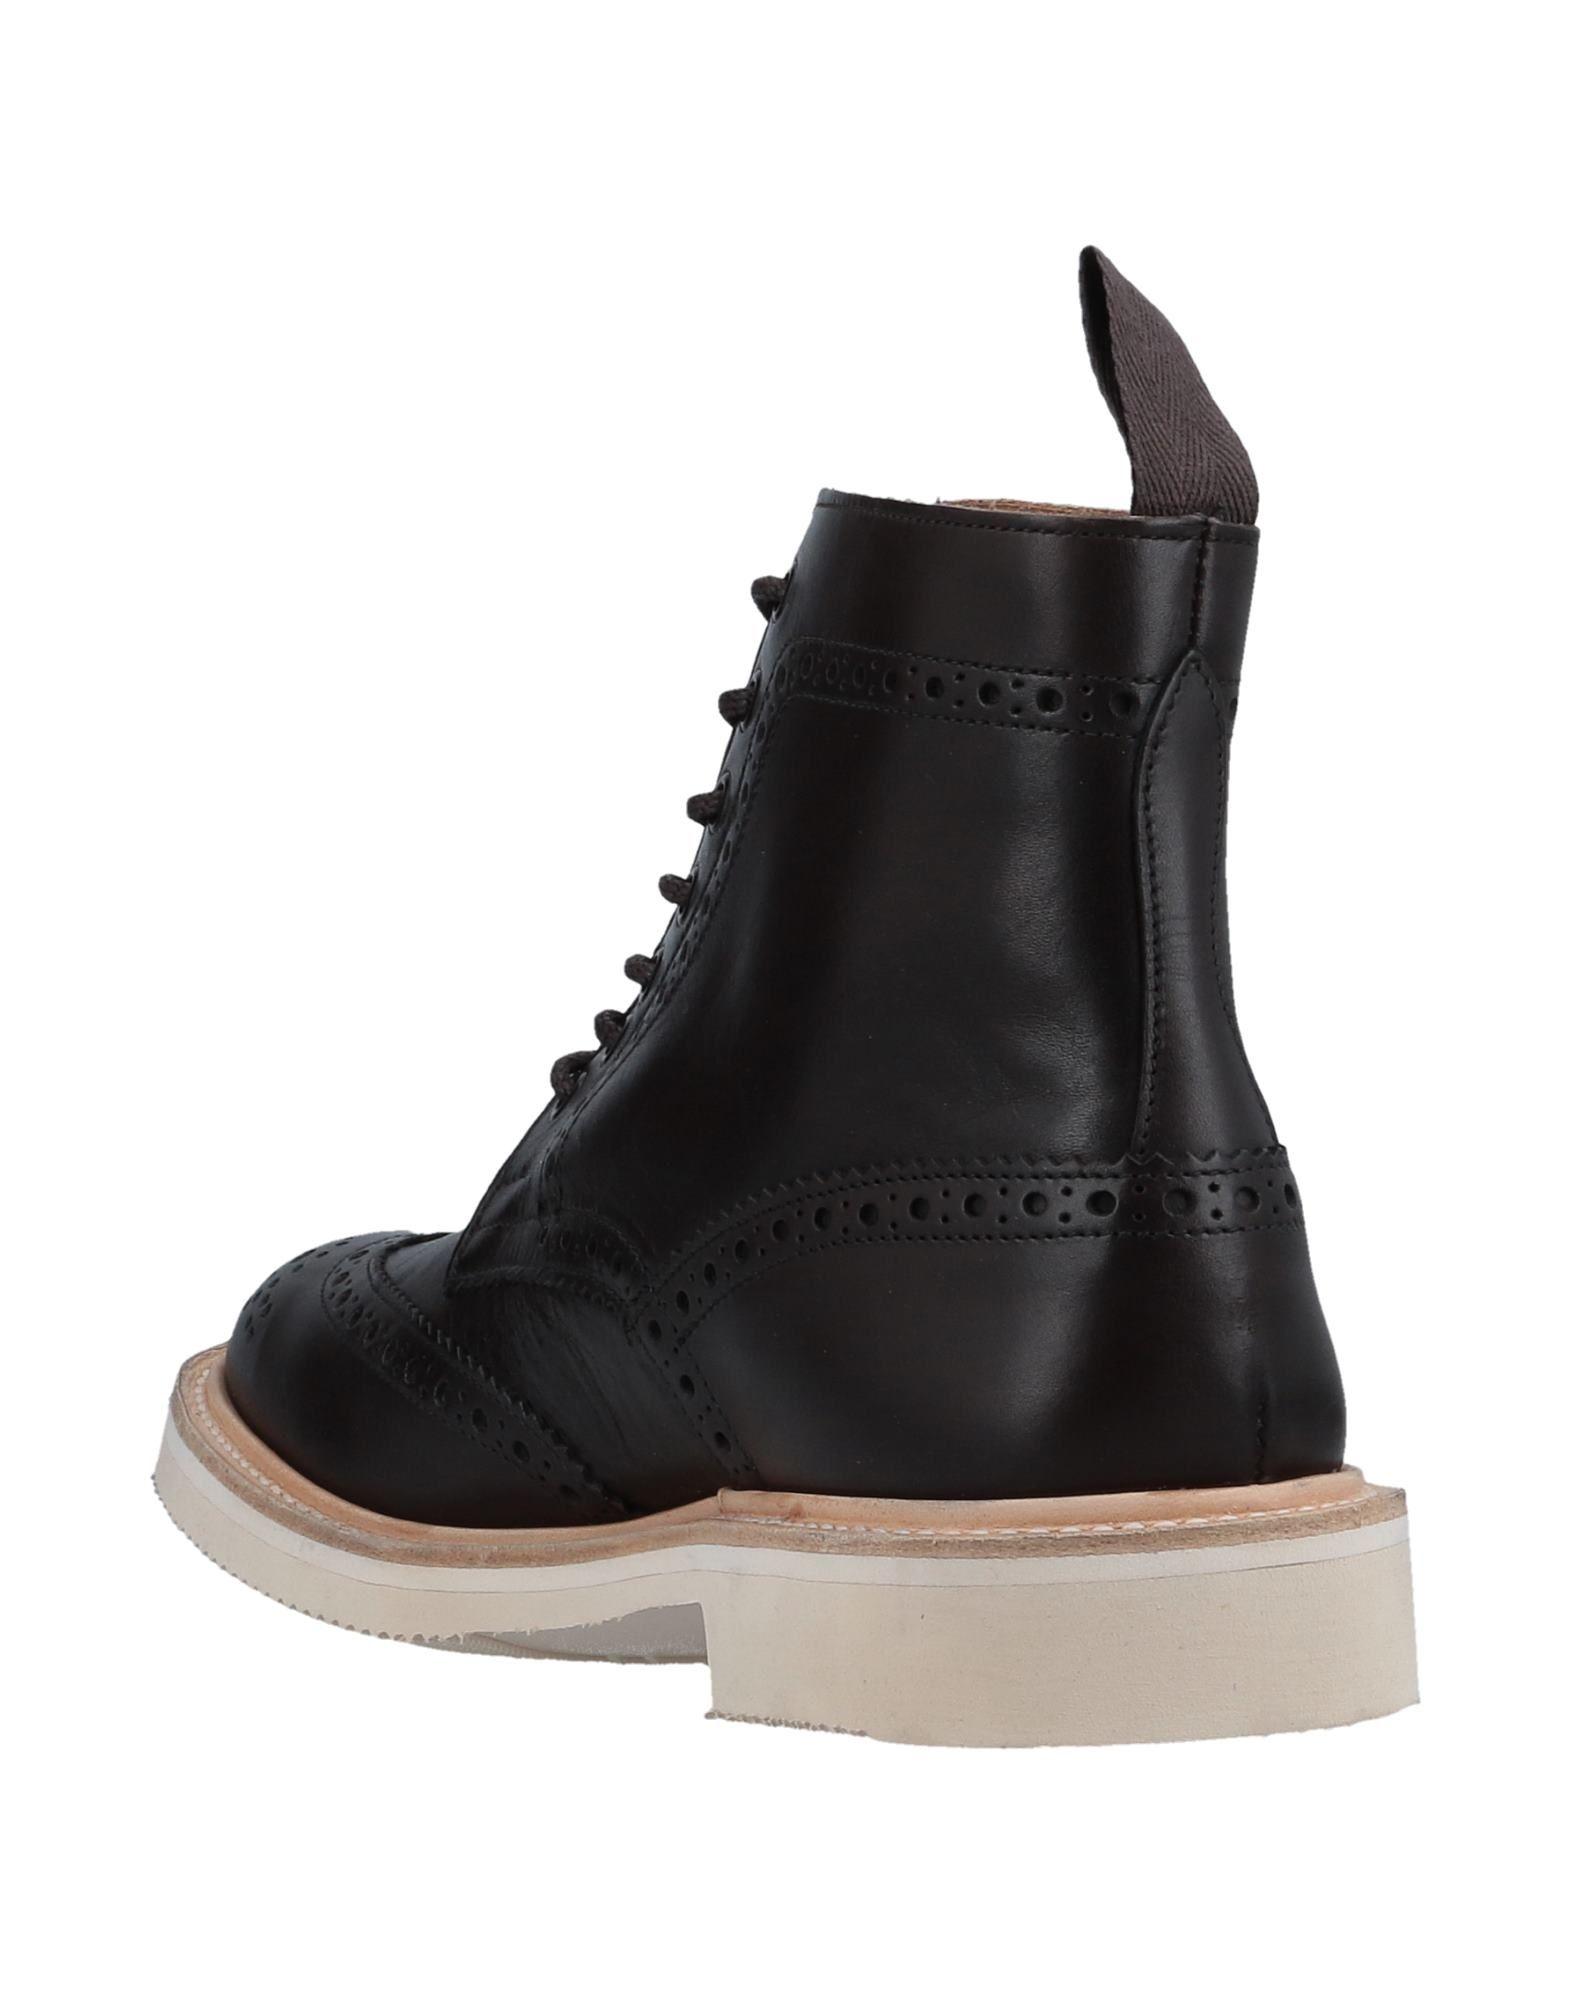 Tricker's Stiefelette Herren Qualität  11511492RR Gute Qualität Herren beliebte Schuhe dad71c